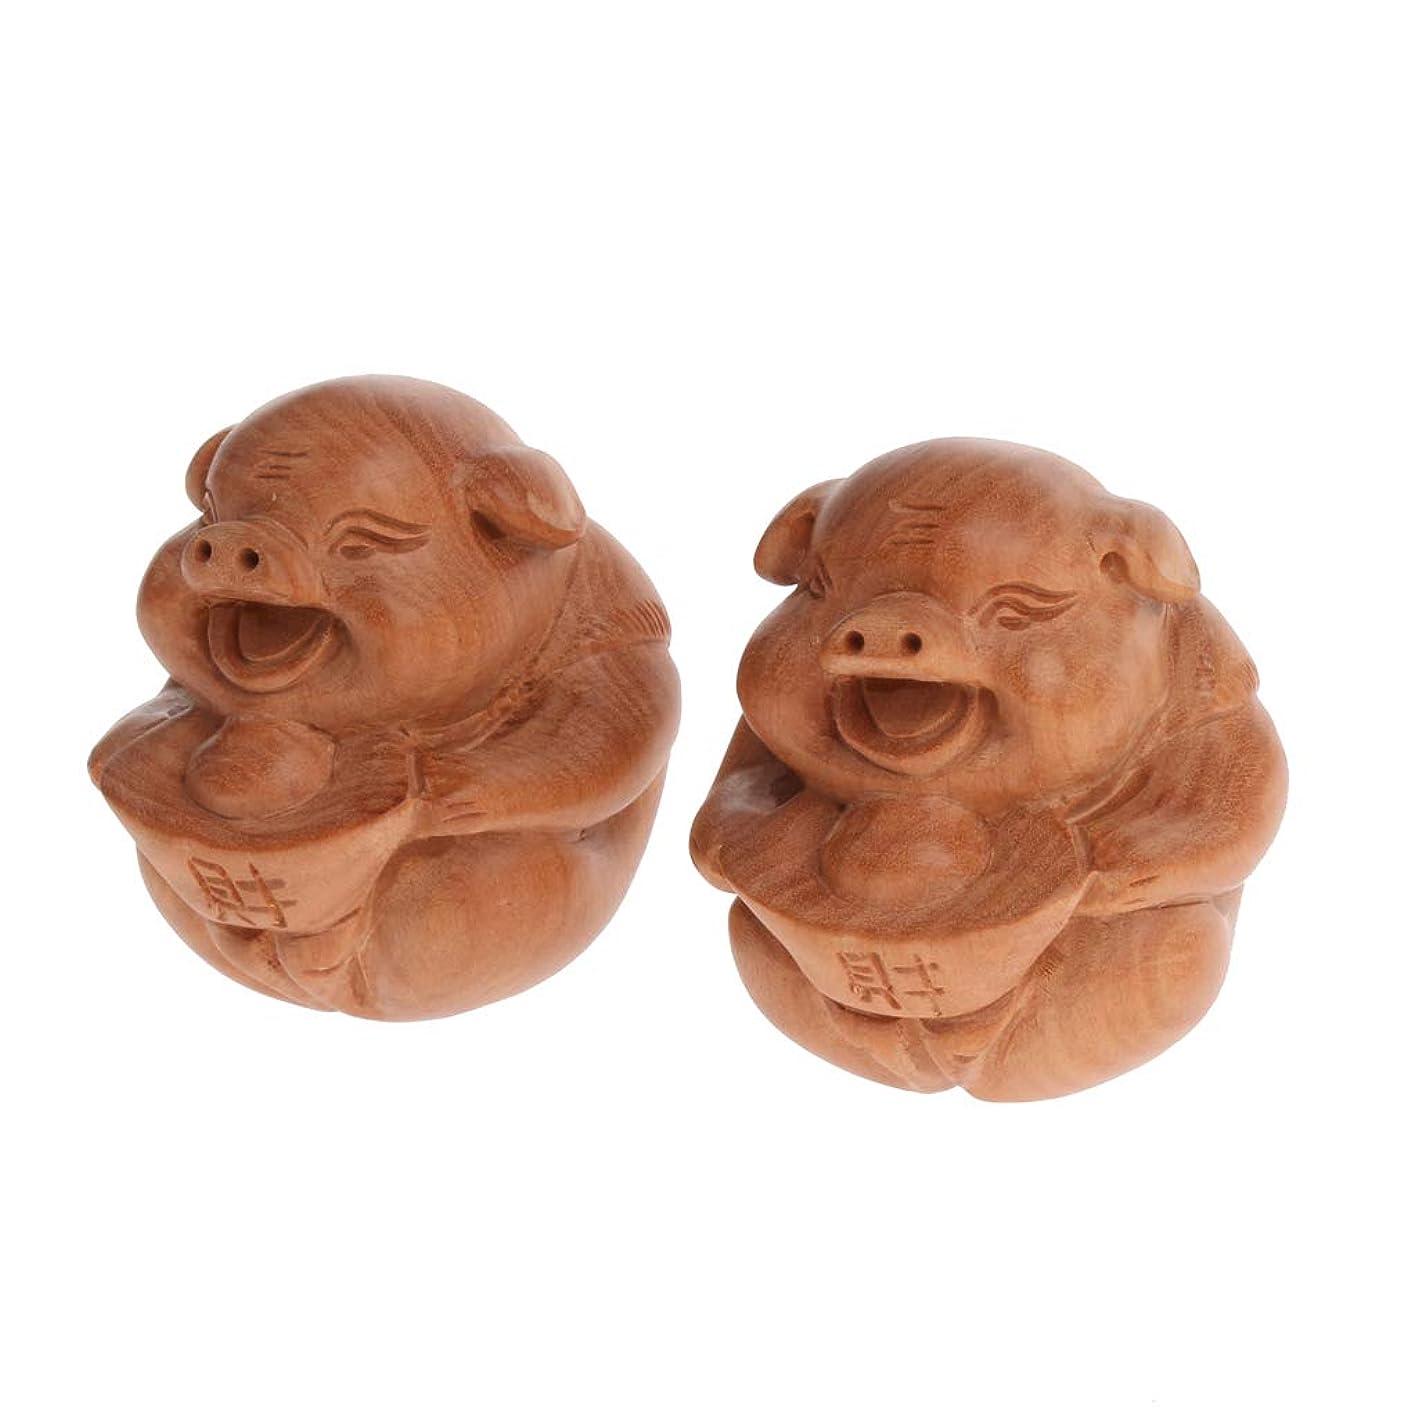 民主主義頂点慈悲深いchiwanji 木製 指エクササイズ ボール マッサージボール フェイシャルエステツール 持ち運び 可能